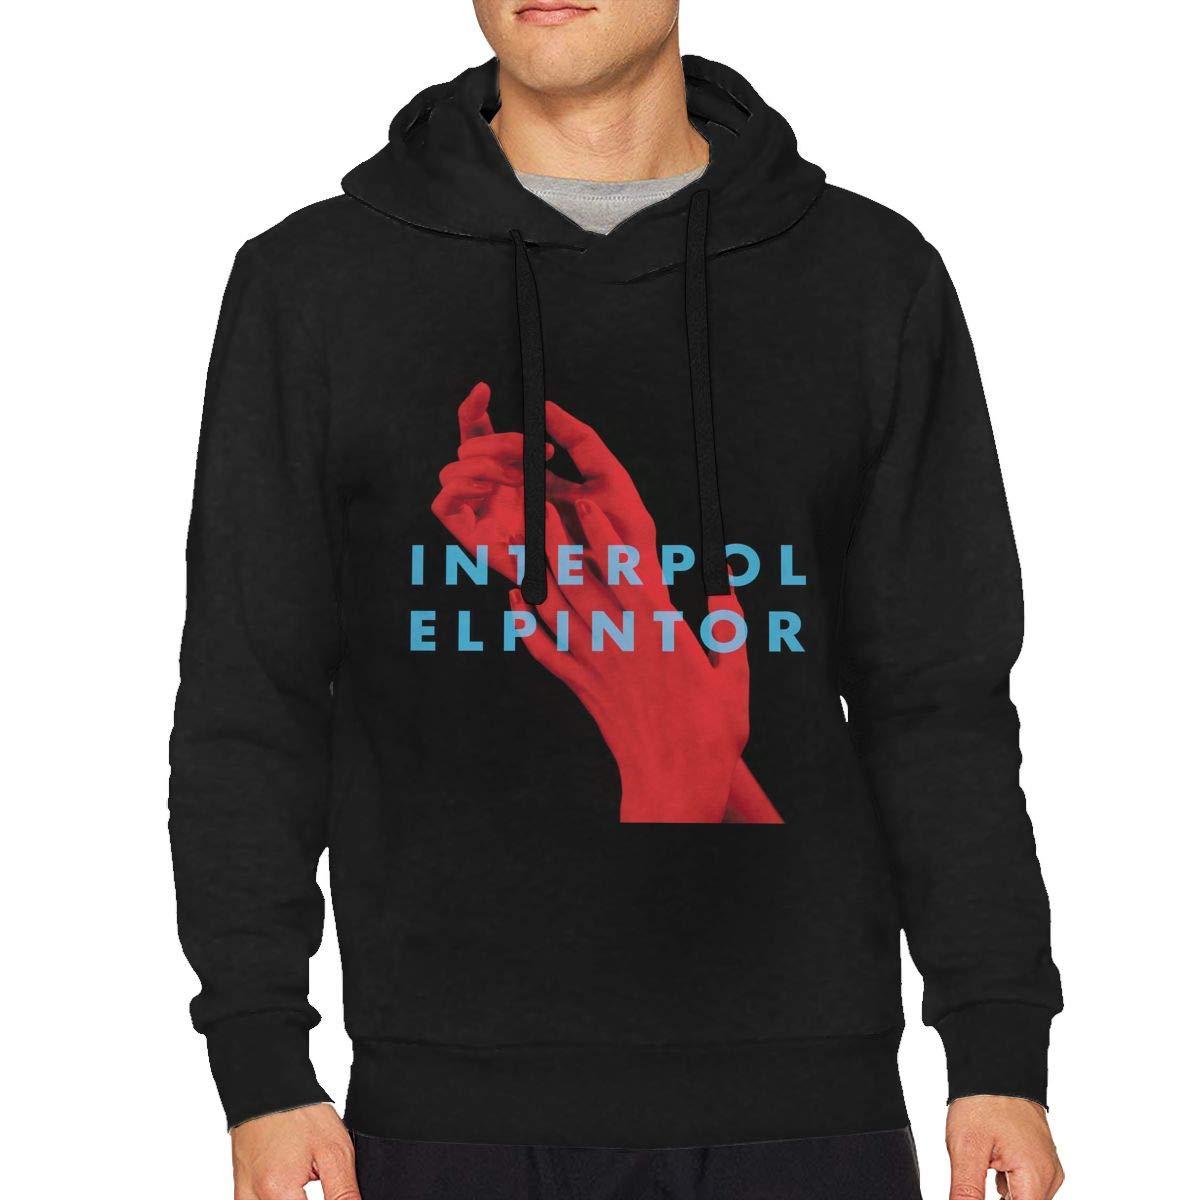 StellaR. Walker Man Interpol El Pintor Music Band Loose Hooded Casual Hooded